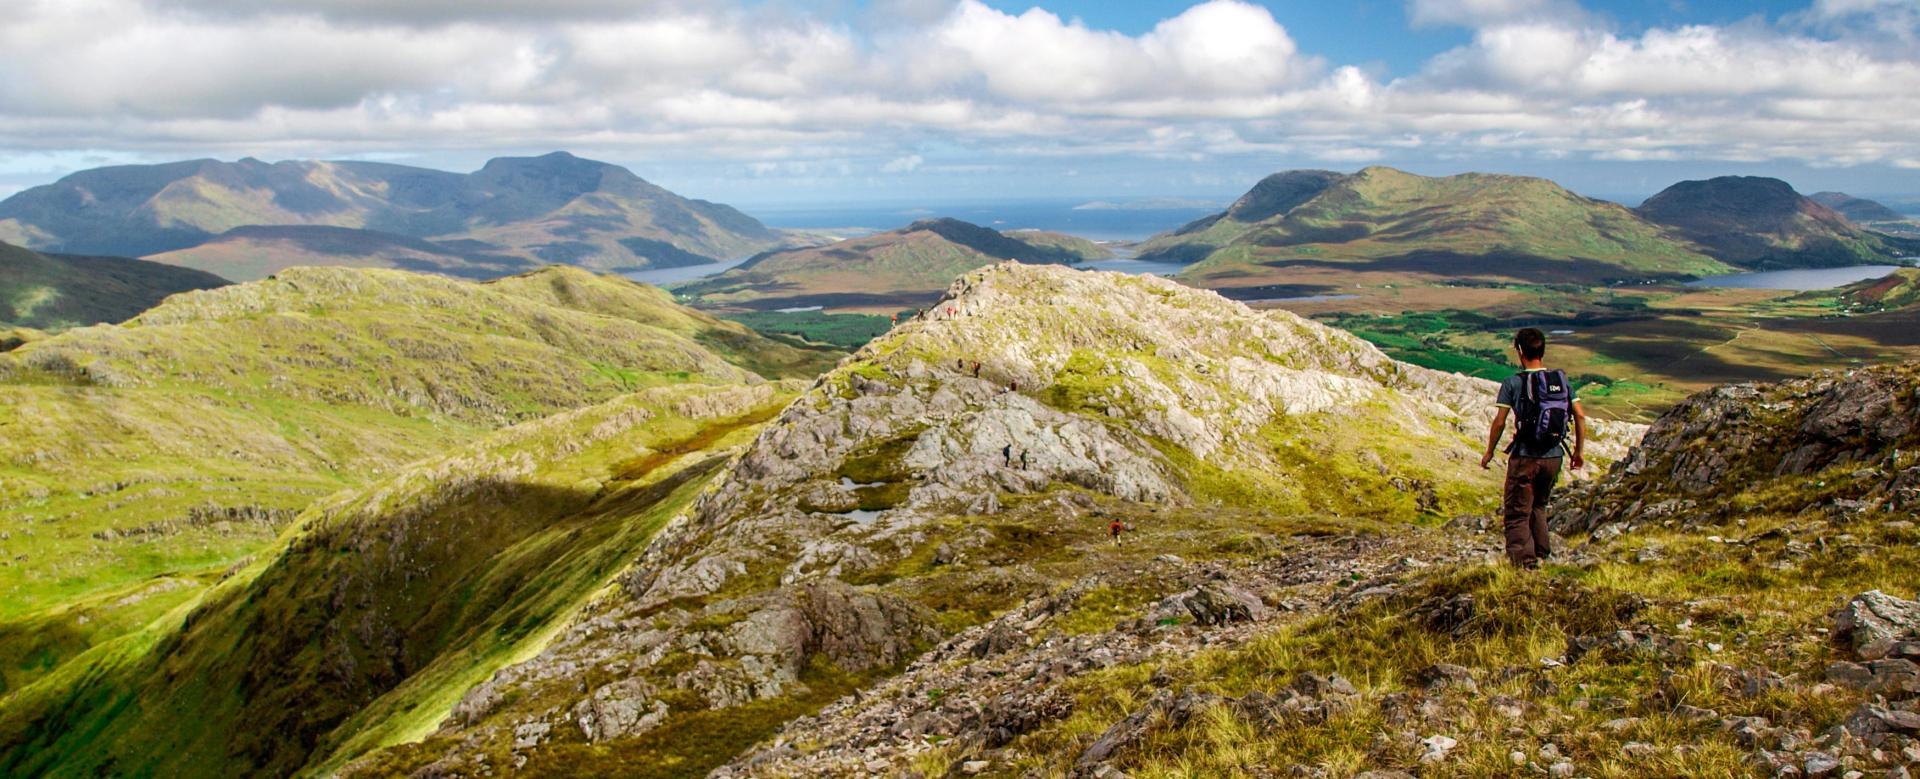 Voyage sur l'eau : La grande balade irlandaise